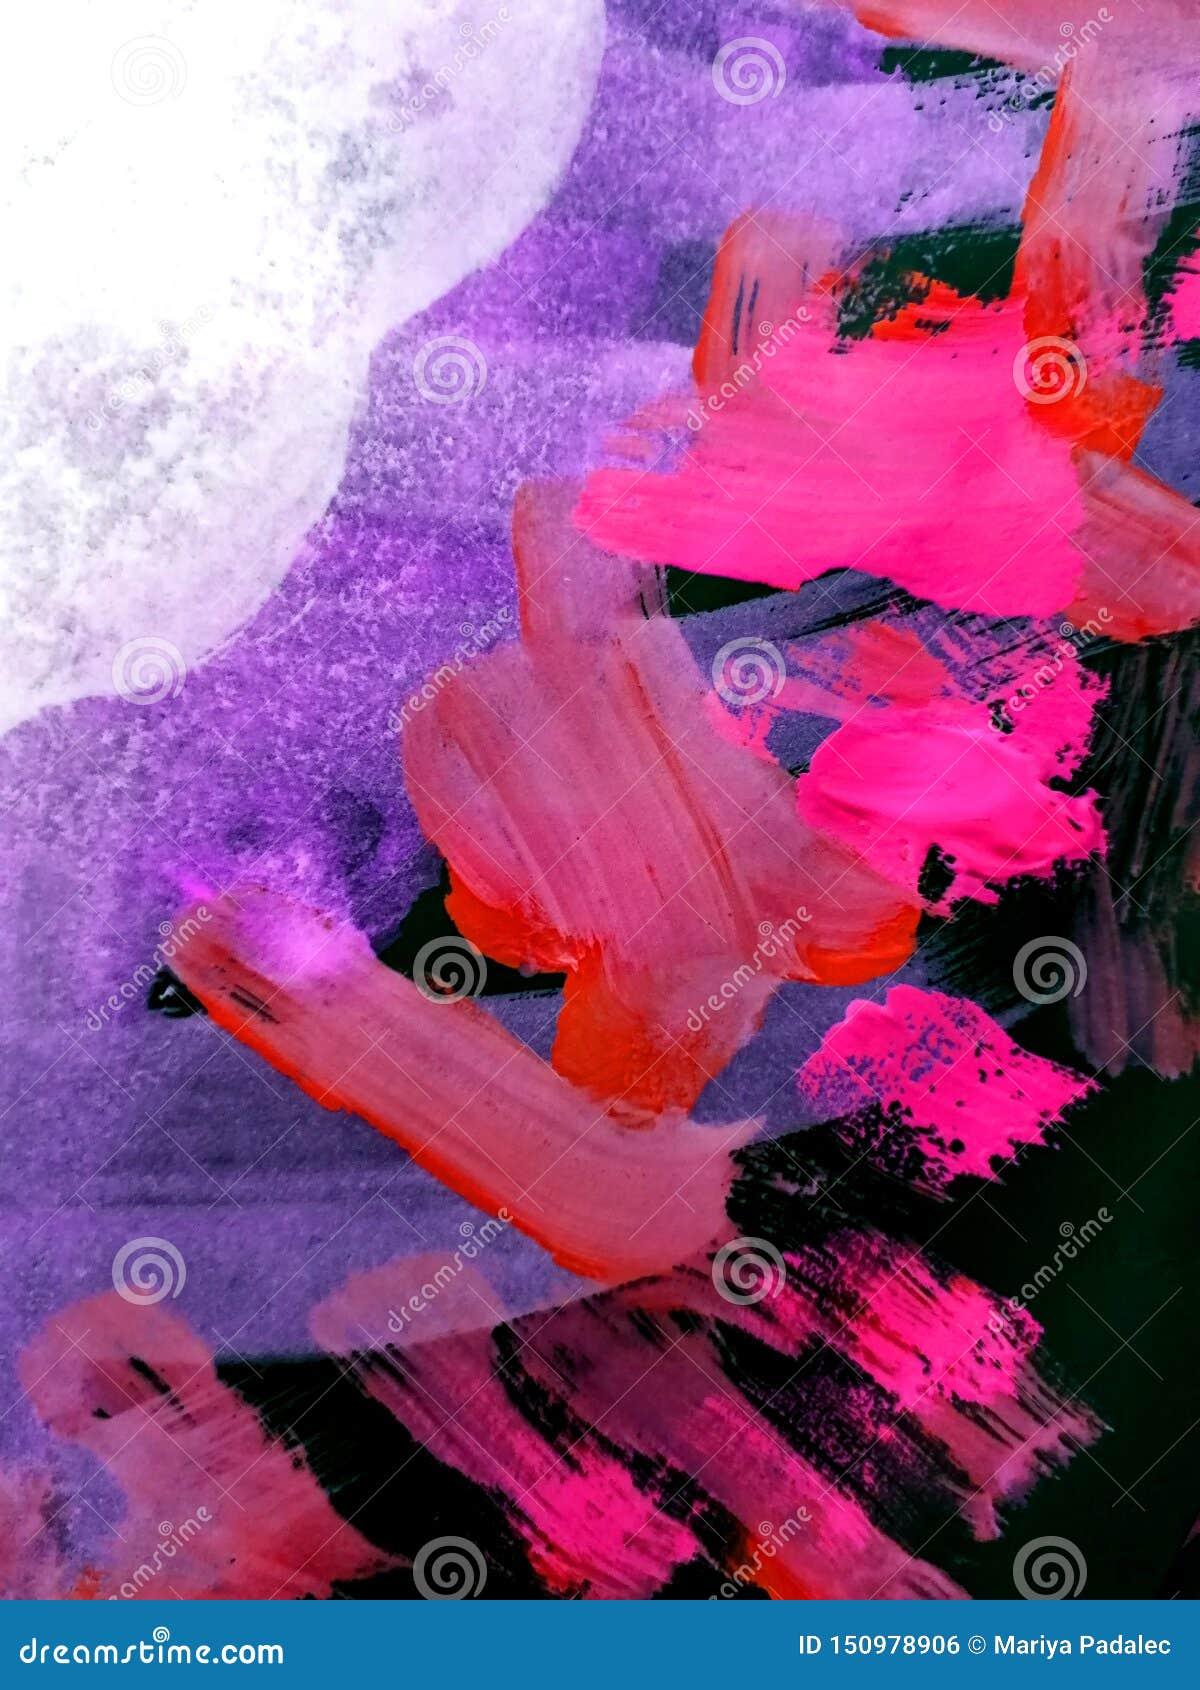 Αφηρημένο υπόβαθρο, χρωματισμένες χέρι συστάσεις, γκουας, watercolor, παφλασμοί, πτώσεις του χρώματος, κτυπήματα χρωμάτων Σχέδιο